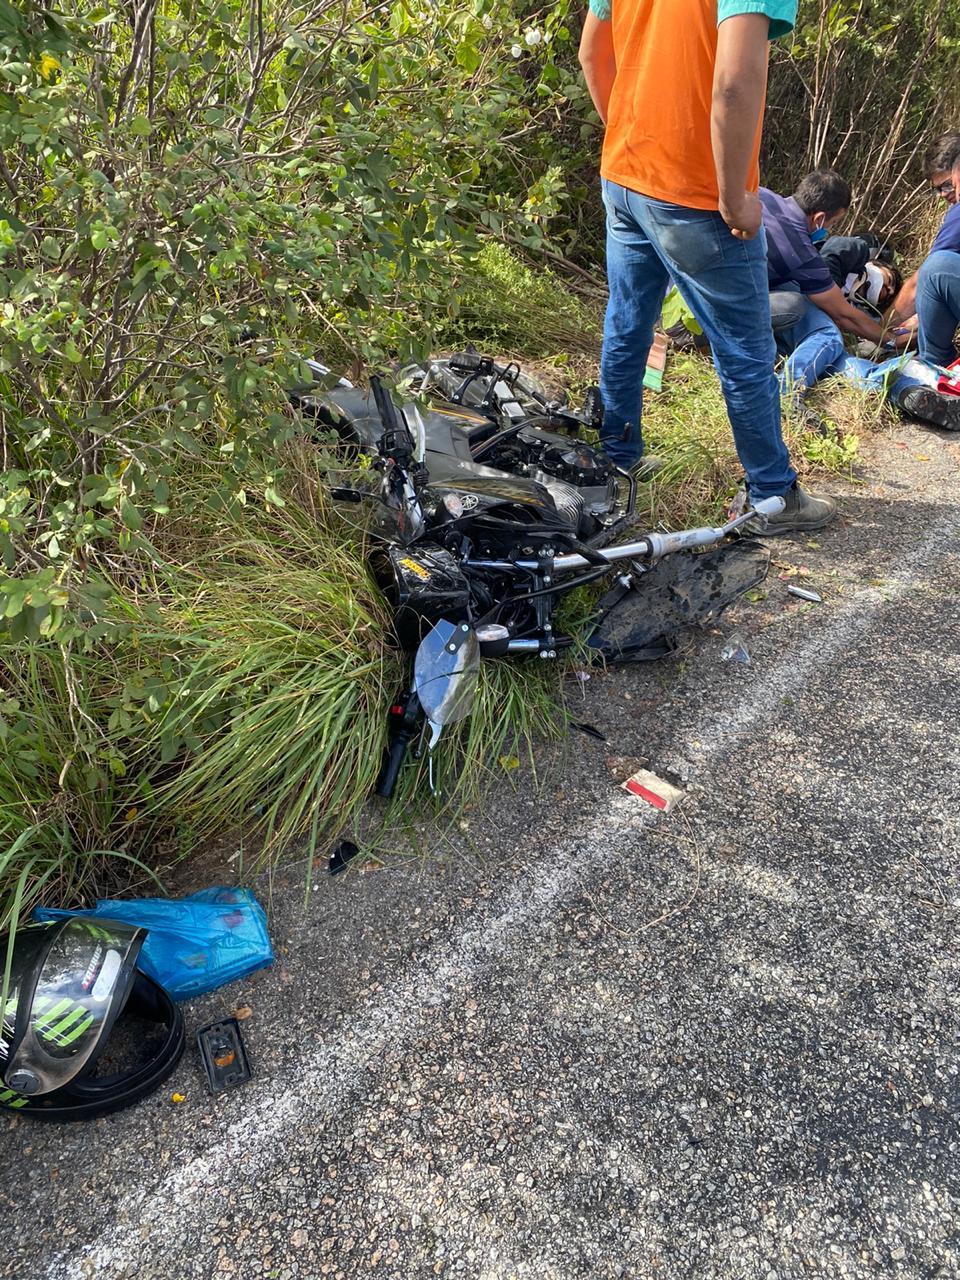 Motociclista envolvido no acidente da RN 042 teve fraturas em pernas e braços